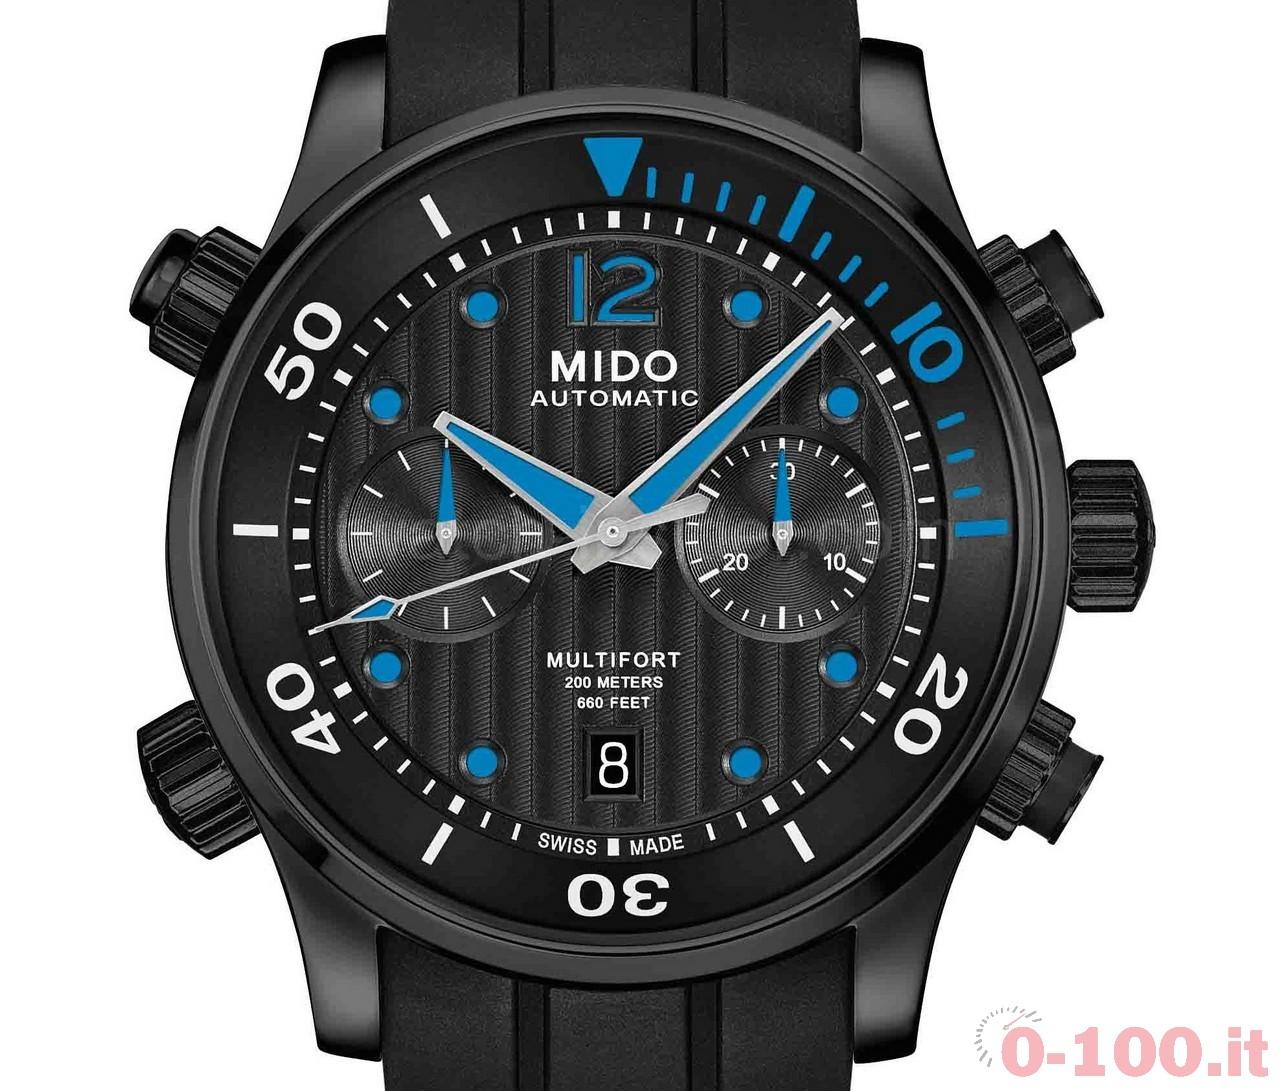 mido-multifort-chronograph-caliber-60-prezzo-price_0-100_4